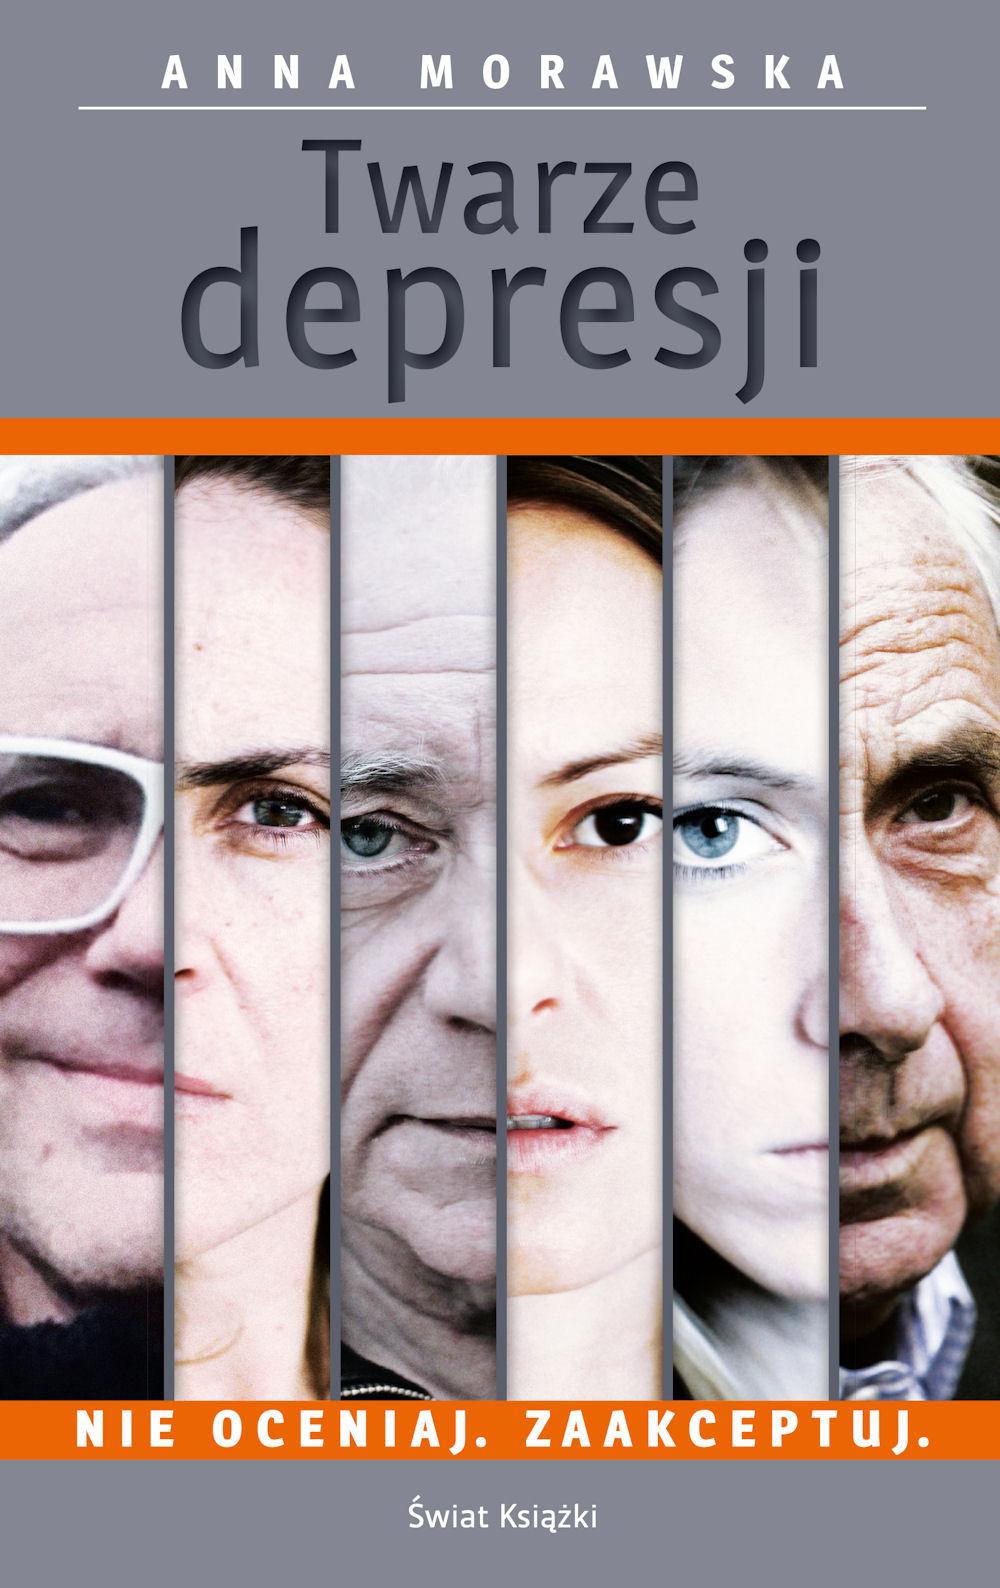 90095571 twarze depresji nowe.indd